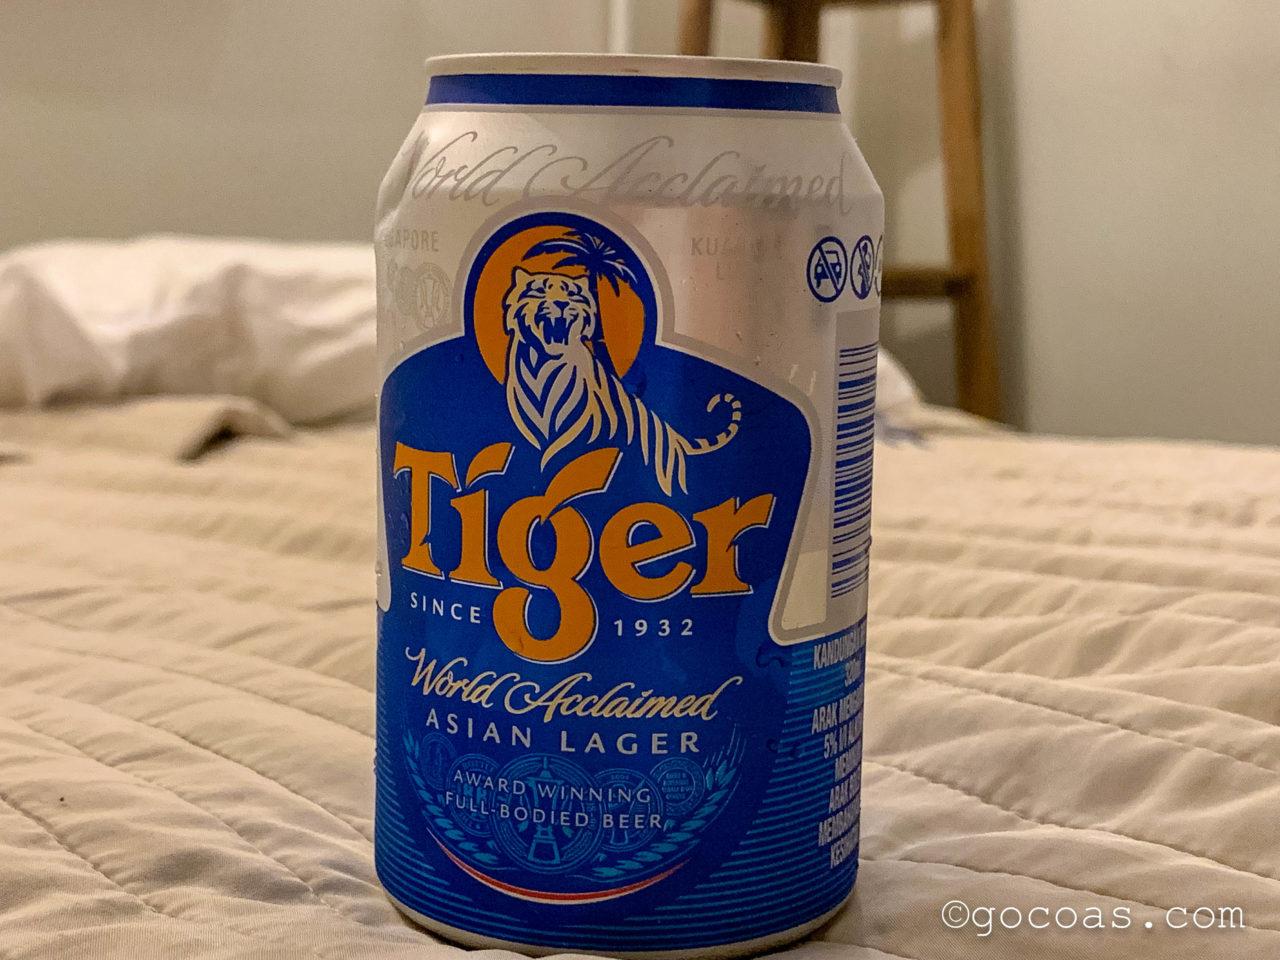 Tigerのビールの缶